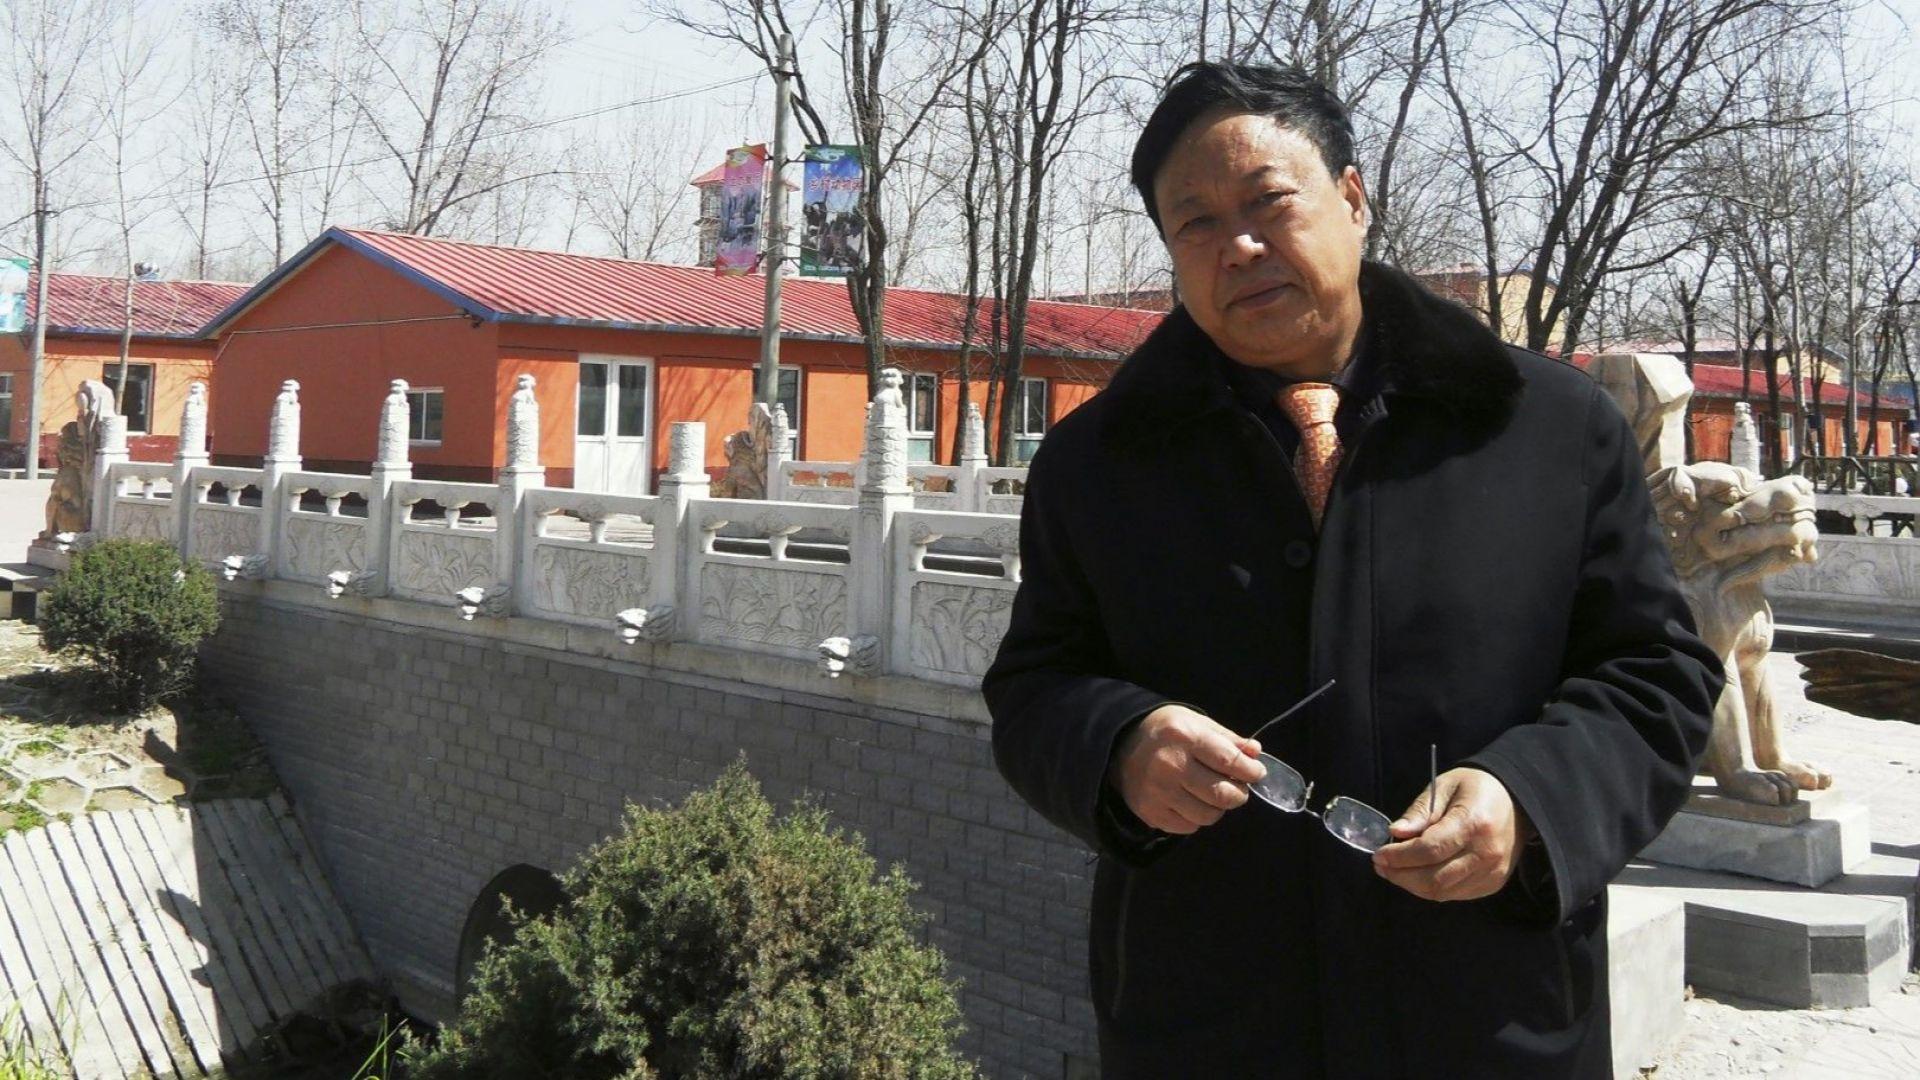 Ето по какви обвинения Пекин вкара в затвора милиардера Сун, благодетел за бедните